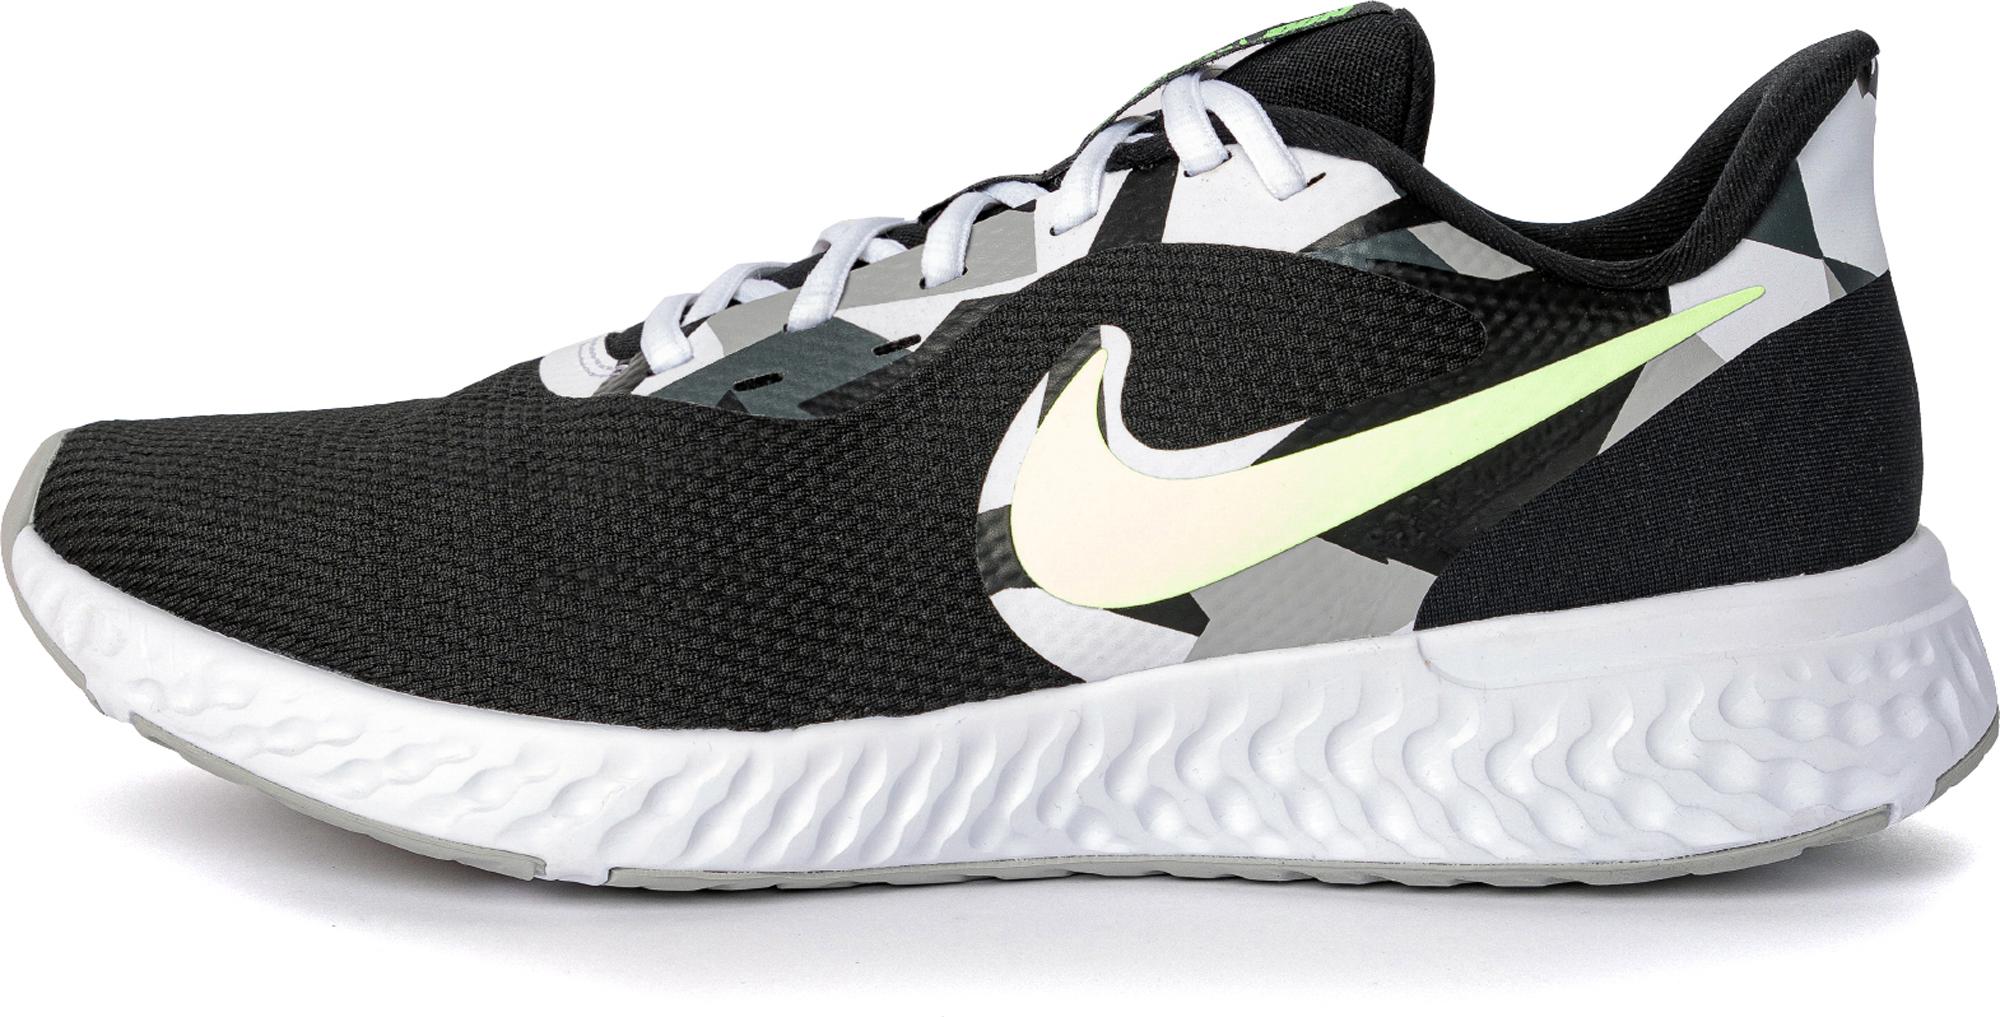 Nike Кроссовки мужские Nike Revolution 5, размер 39.5 кроссовки для девочки ташики anatomic comfort цвет черный 017114 490 размер 30 31 5